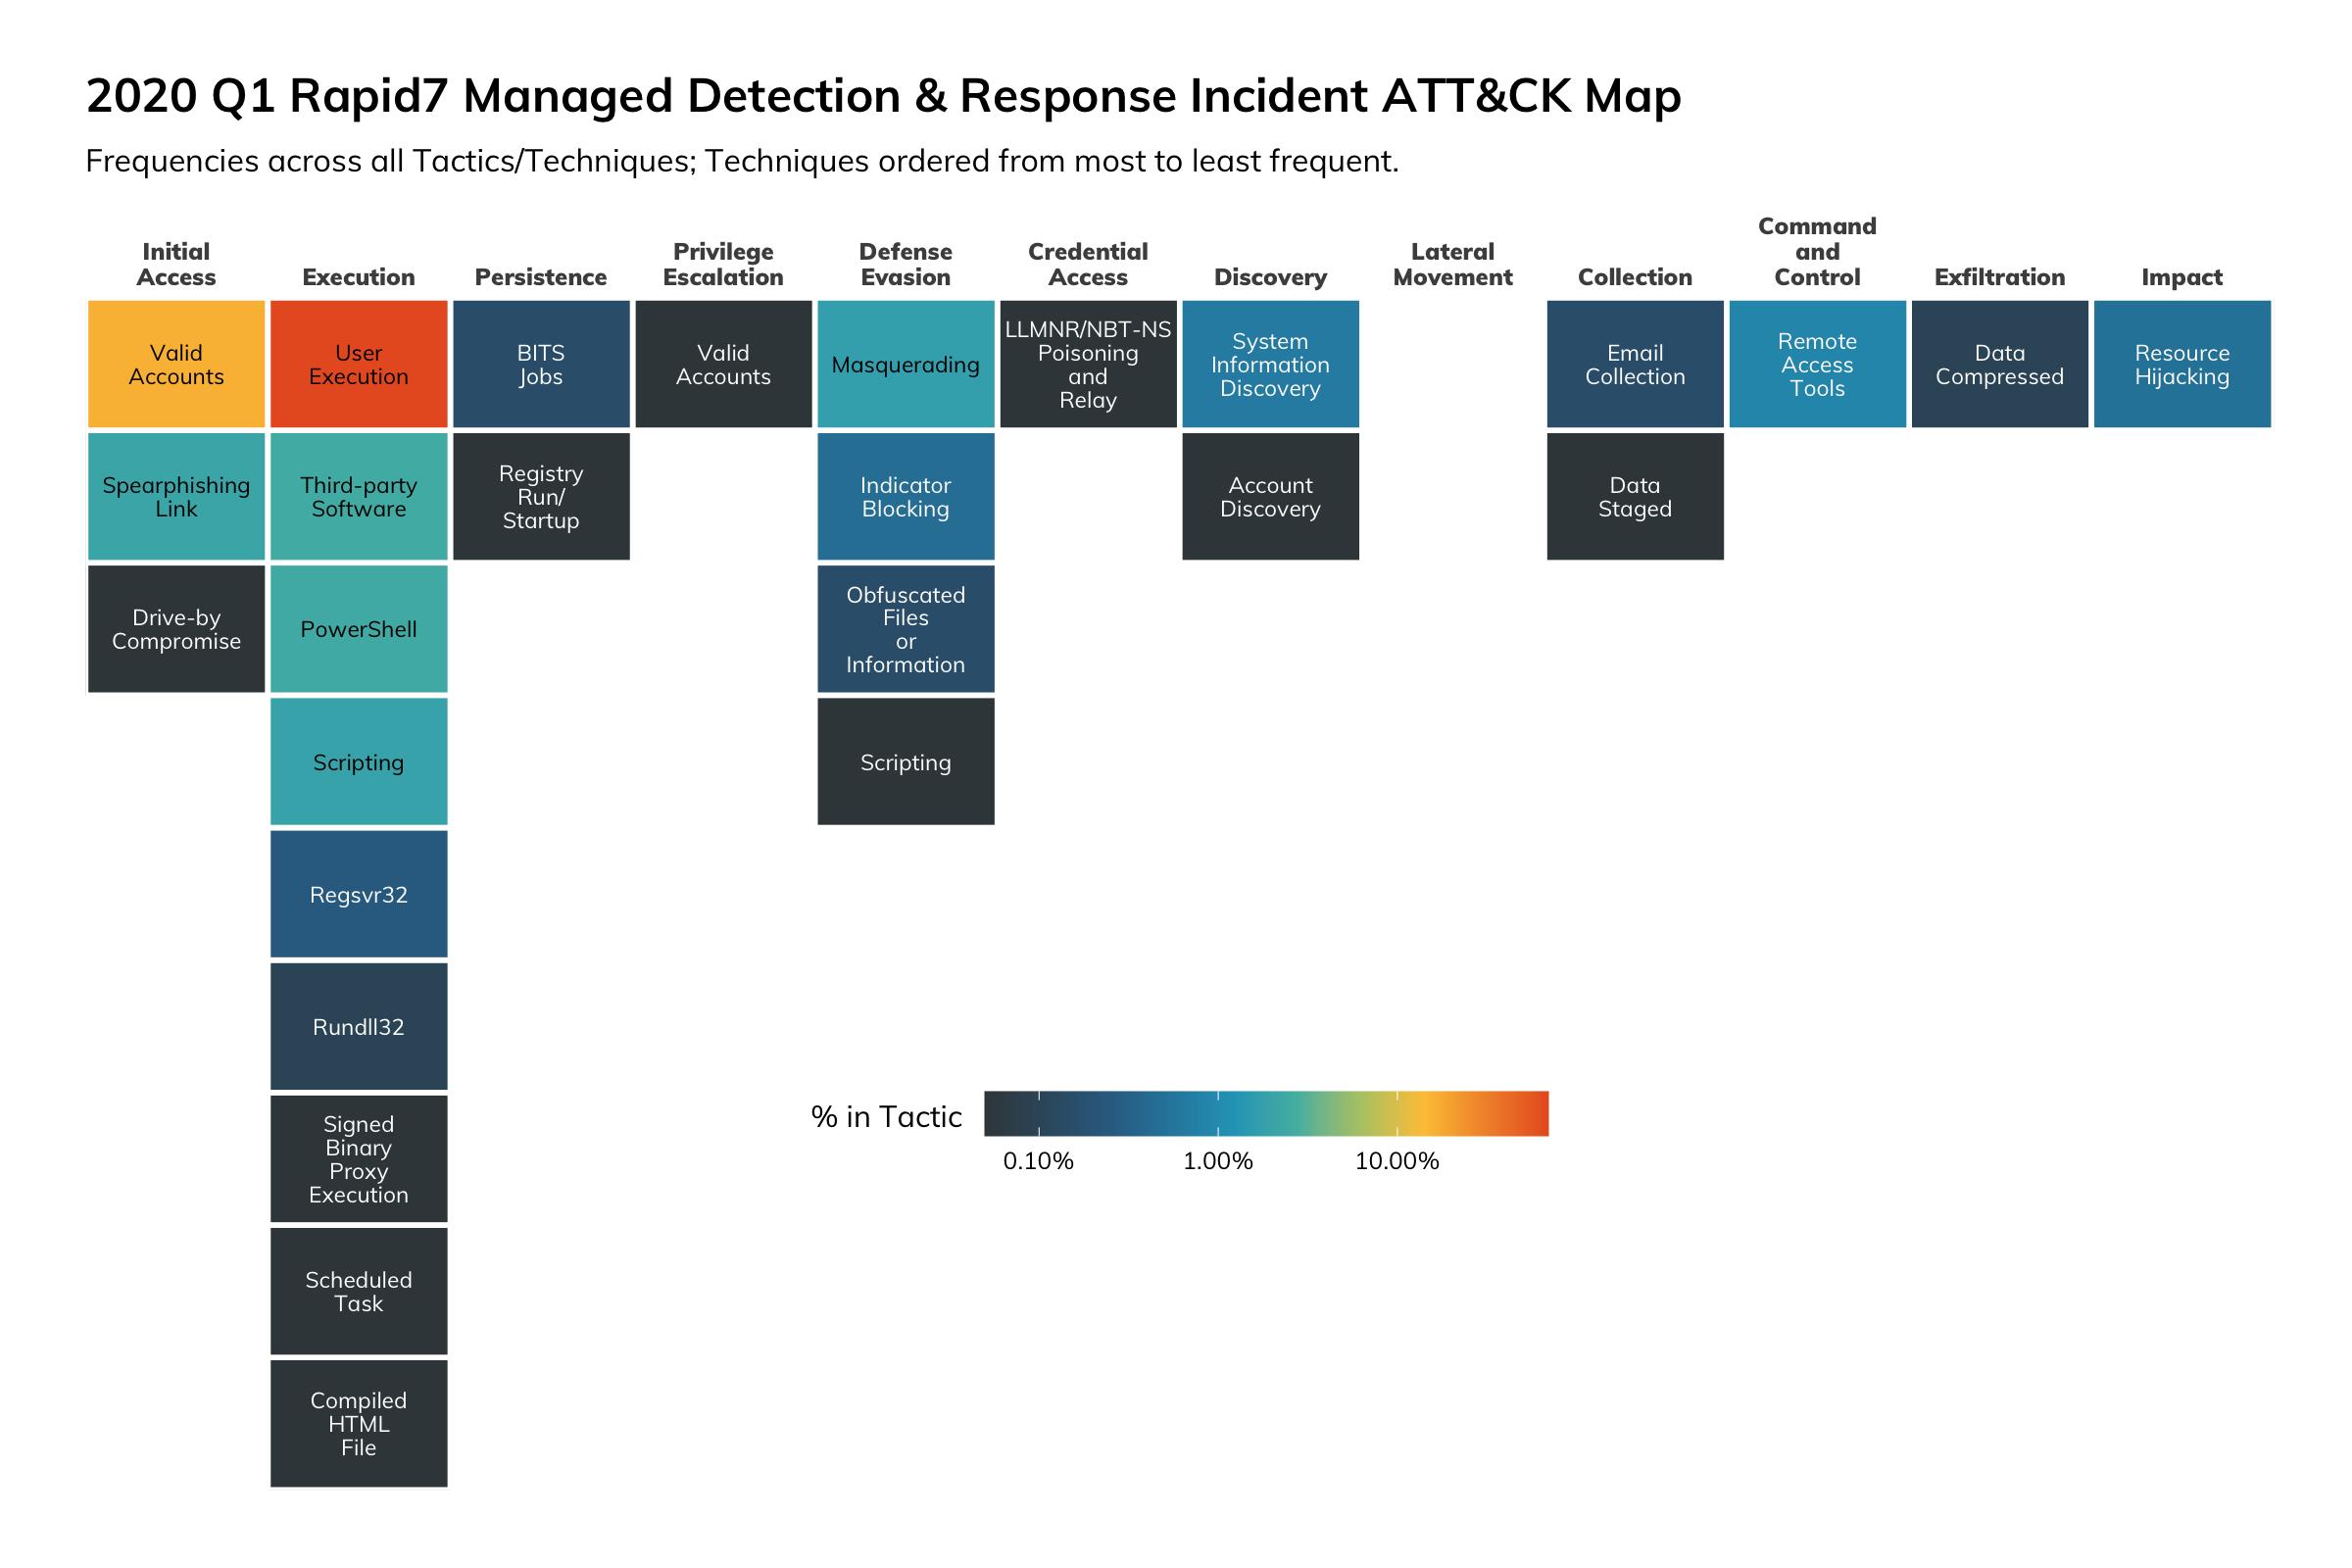 図9:2020年第1四半期のRapid7 MDRサービスにおけるインシデントATT&CKマップ